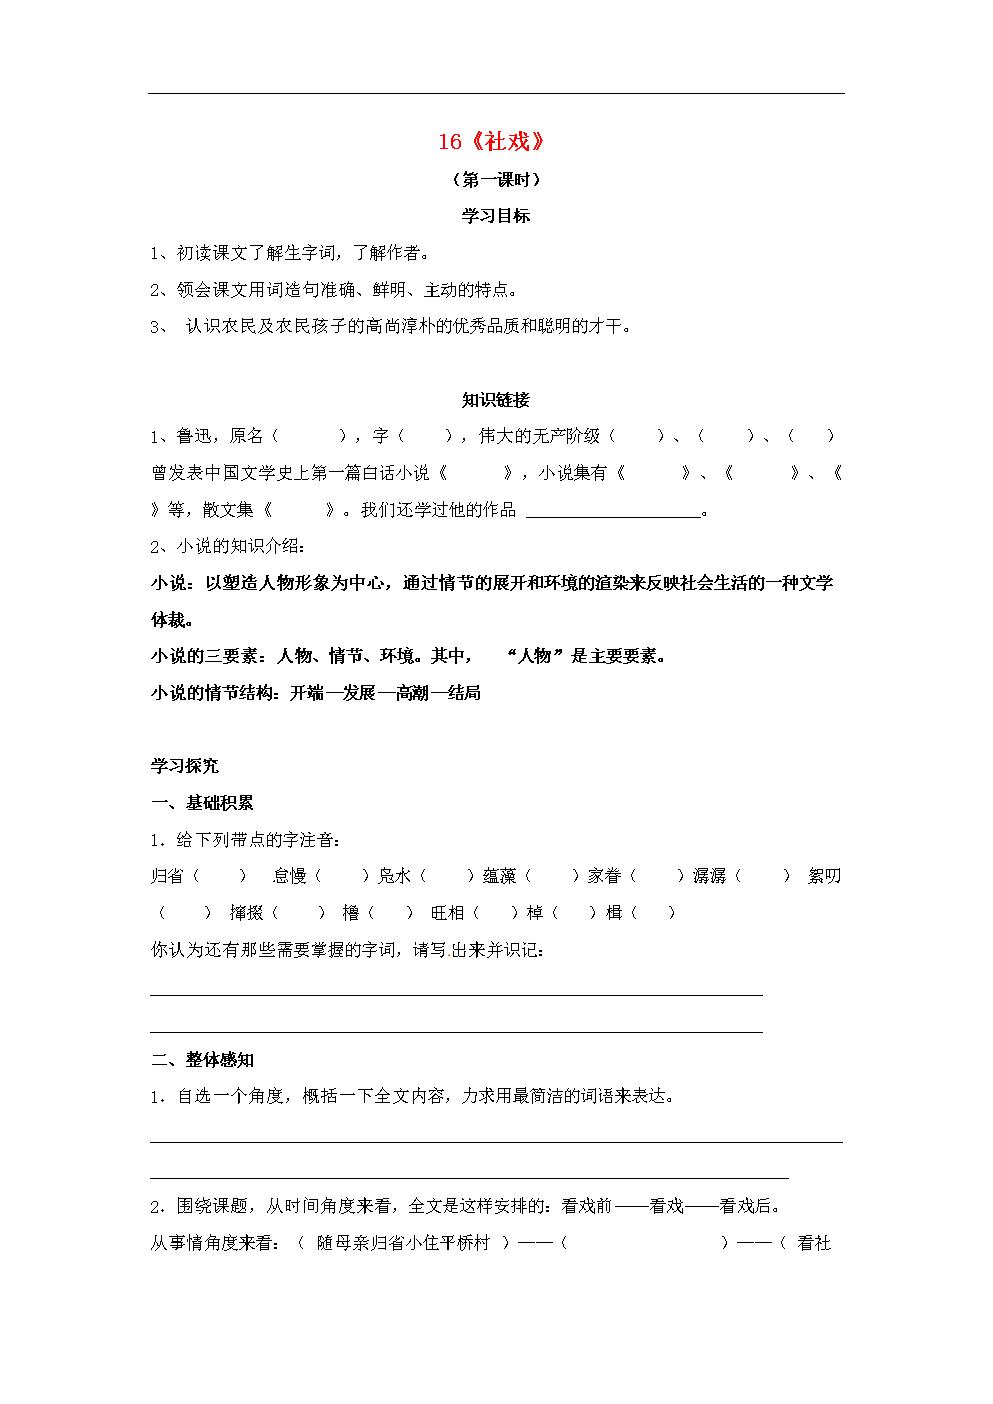 《山东省肥城市王庄镇初级中学七年级语文下册《16 社戏》导学案 新